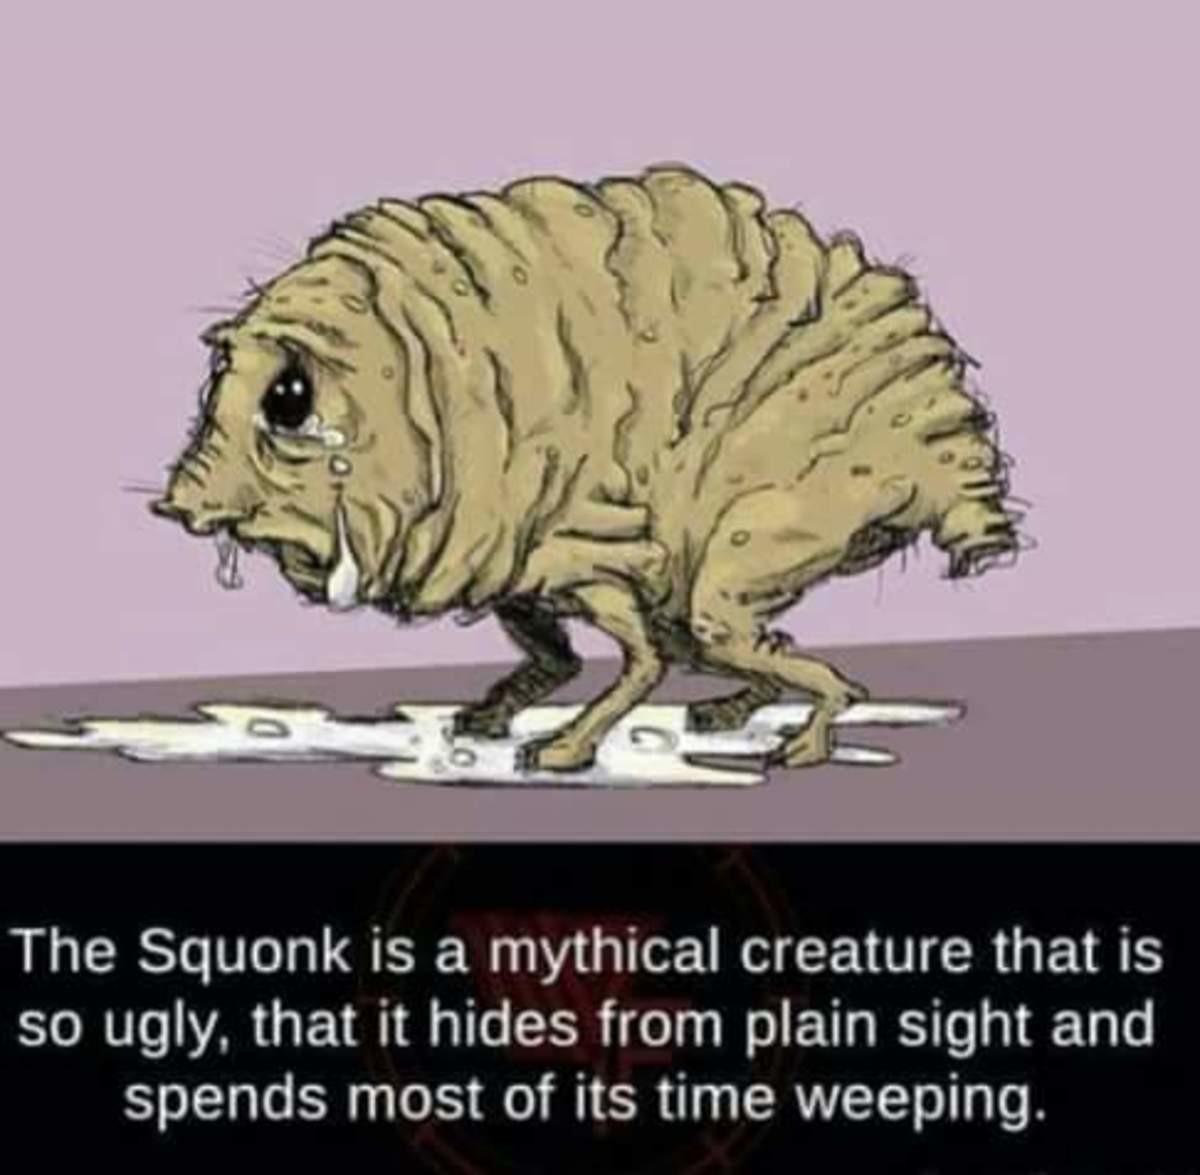 Le Squonk